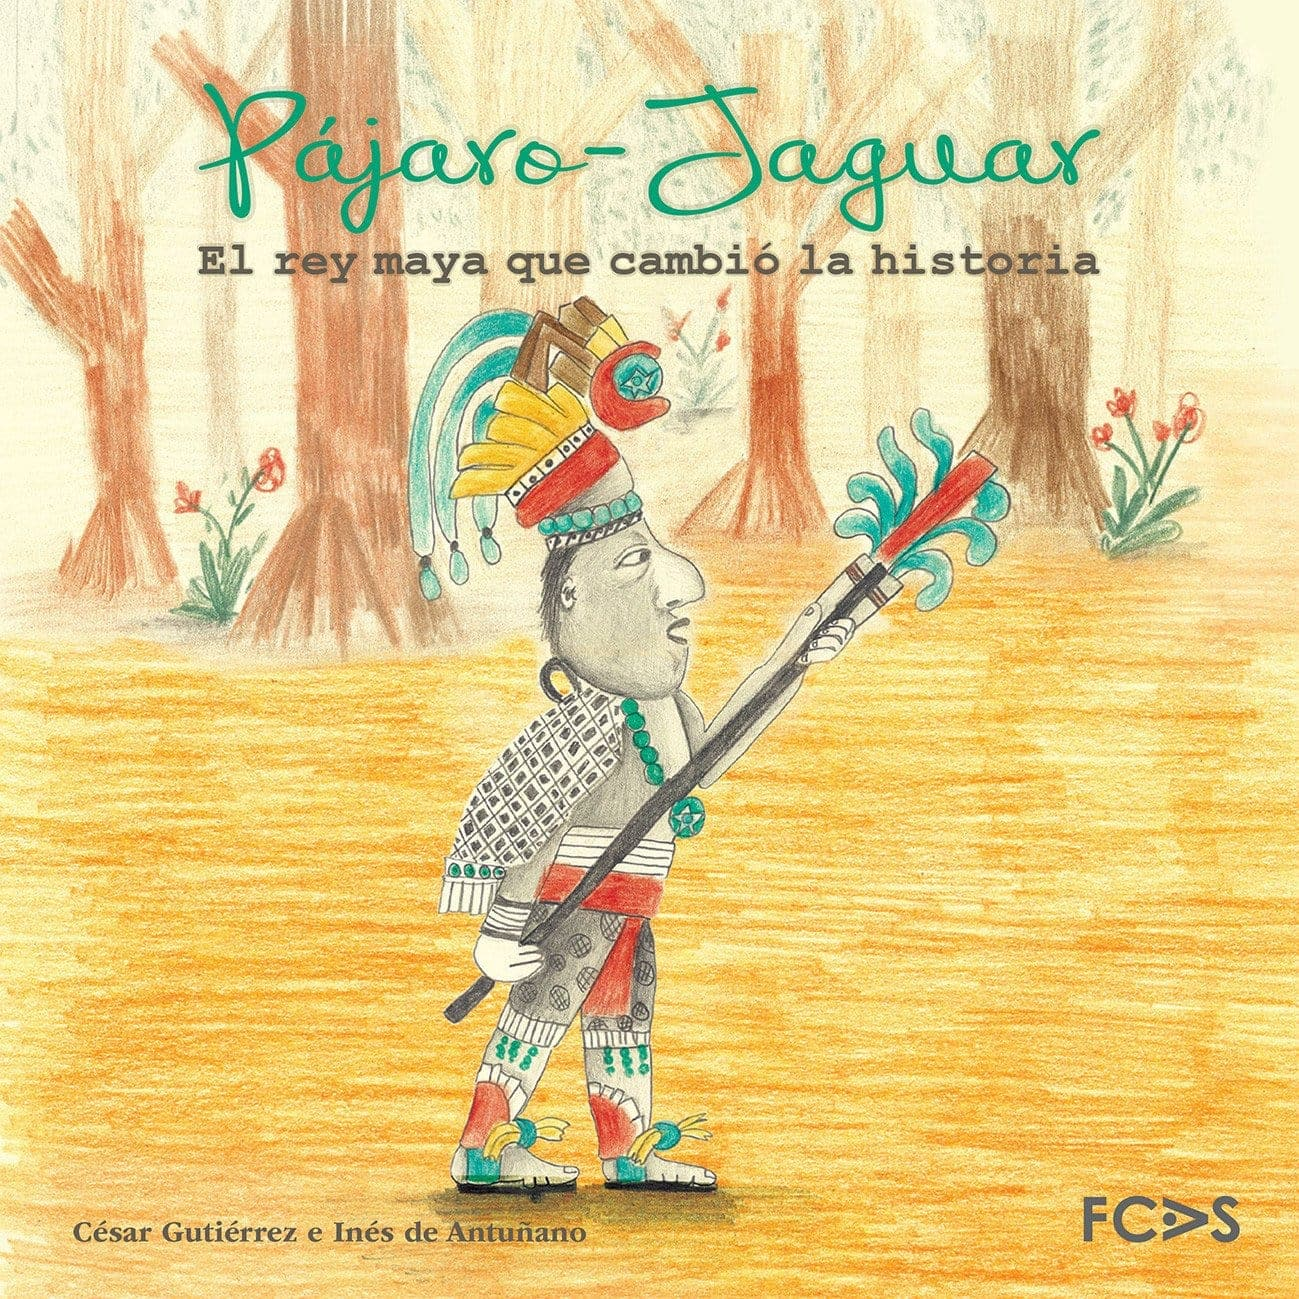 Pájaro-Jaguar. El rey maya que cambió la historia